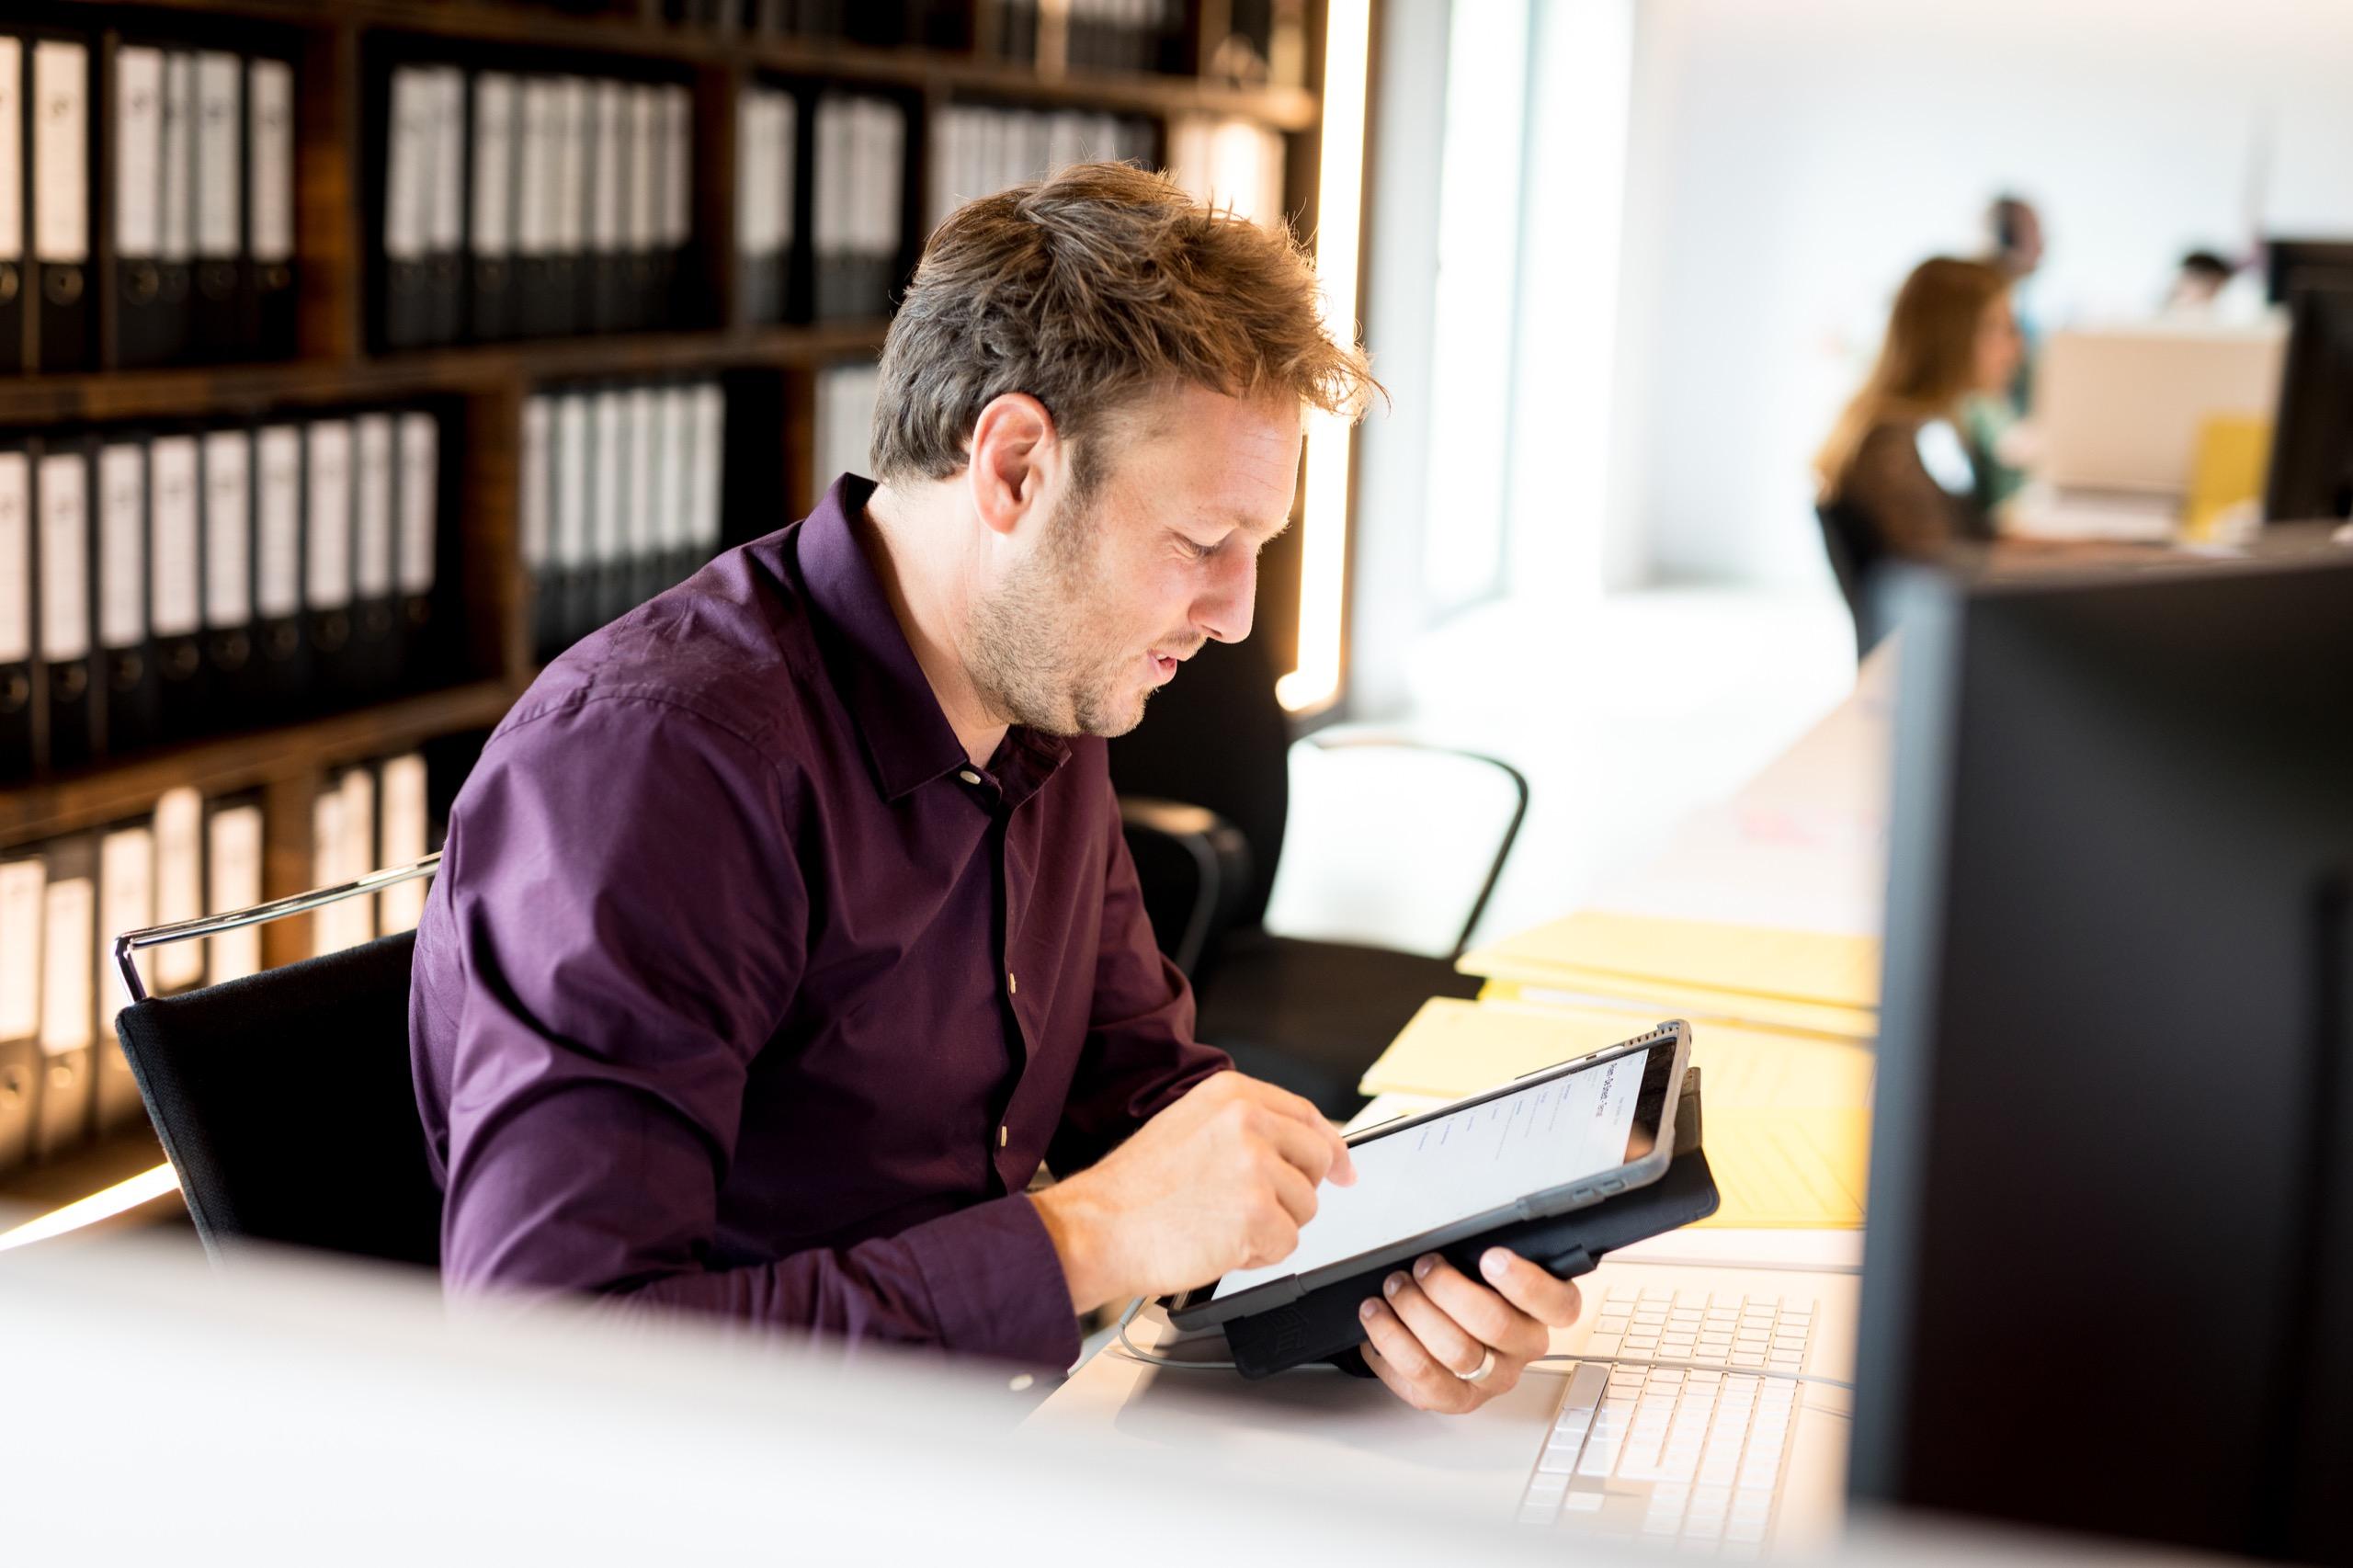 Zaakvoerder Jordi geconcentreerd aan het werk met de tablet